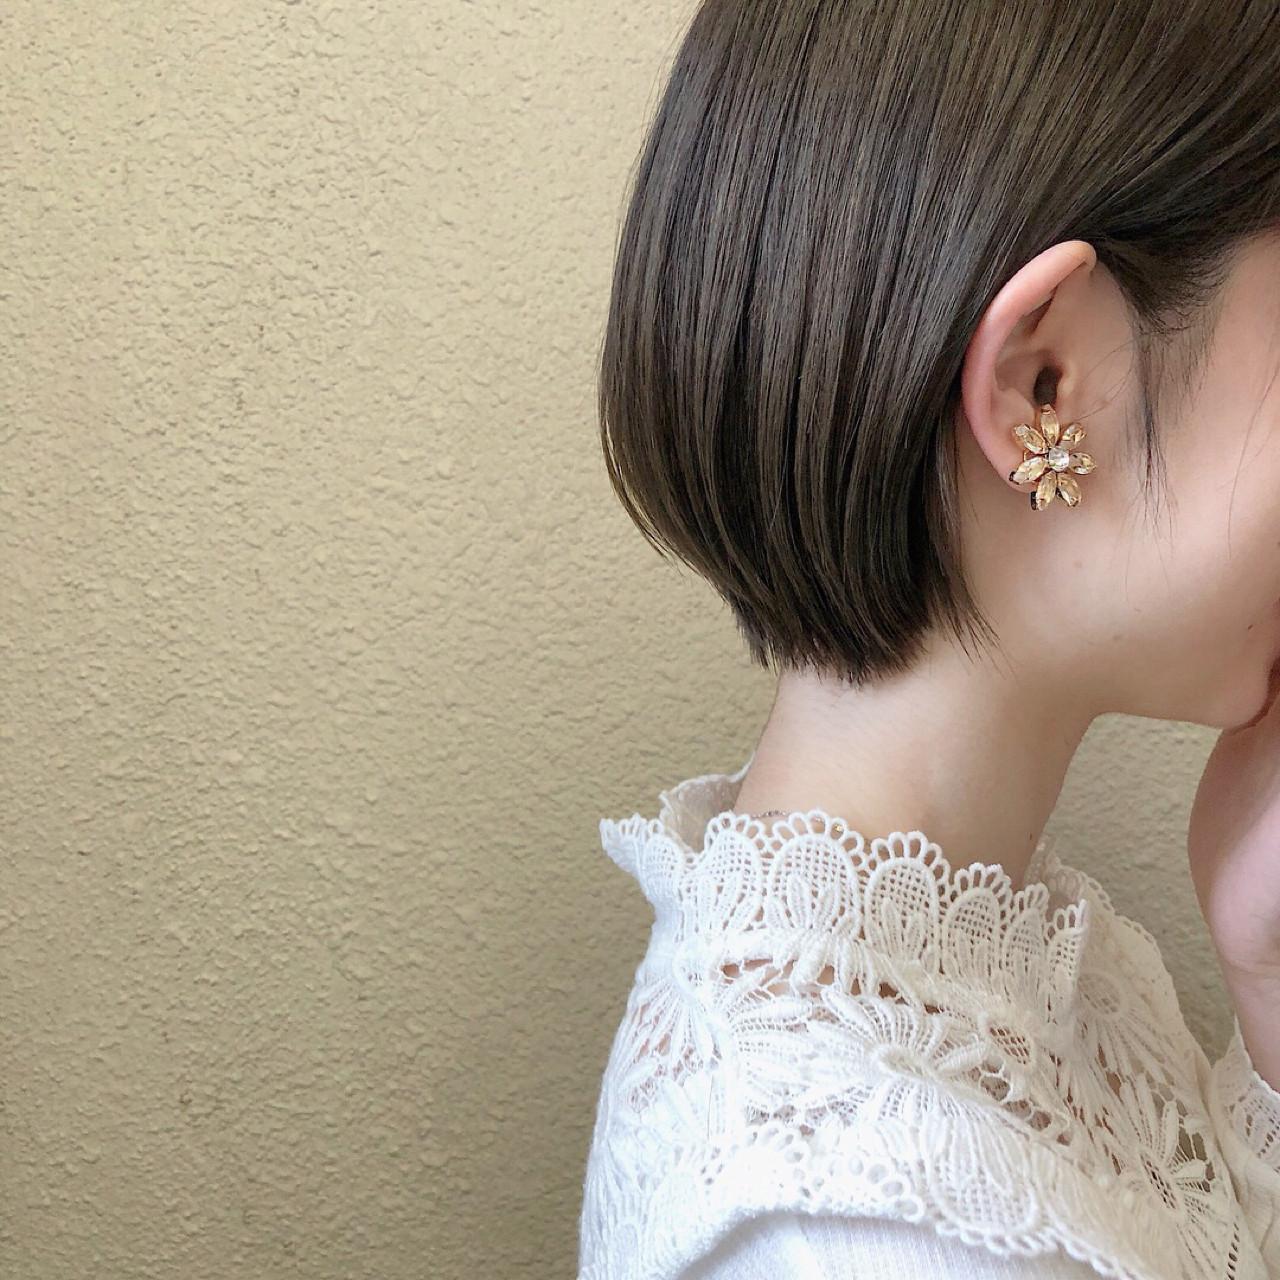 ヘアアレンジ 暗髪 女子力 くすみカラー ヘアスタイルや髪型の写真・画像